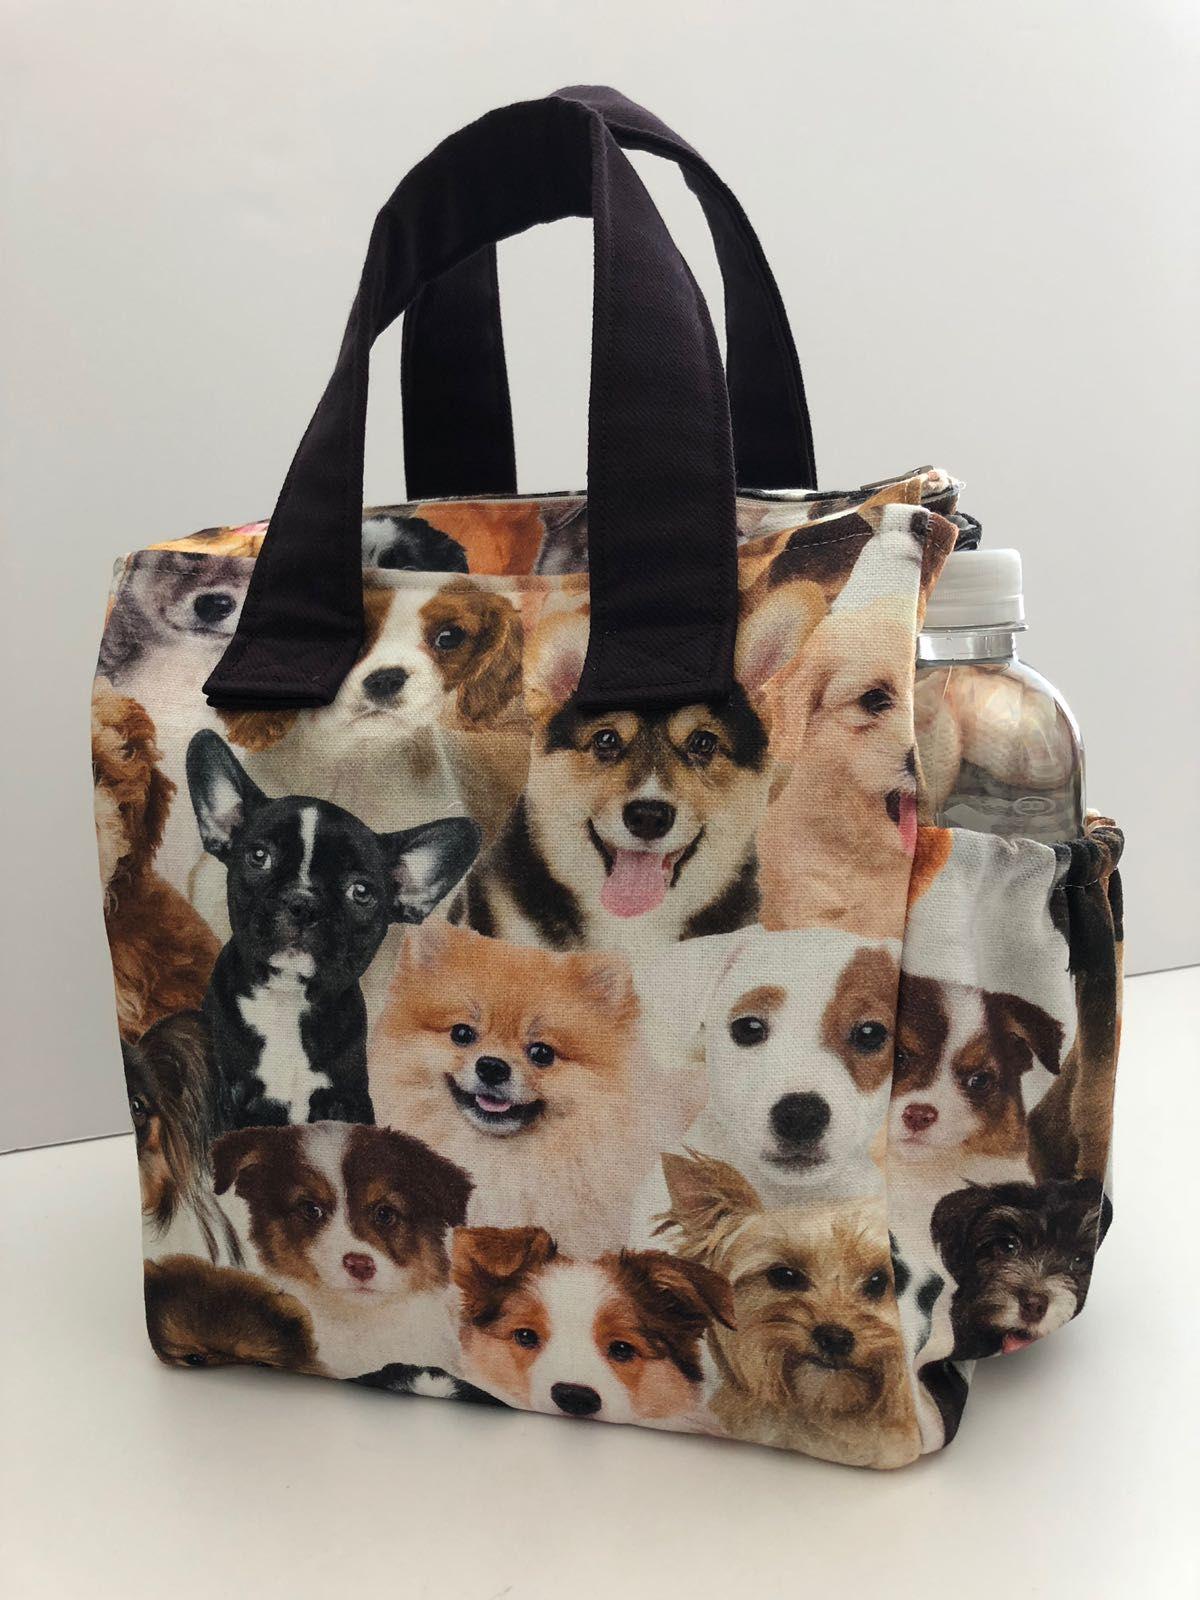 bag lunch puppy